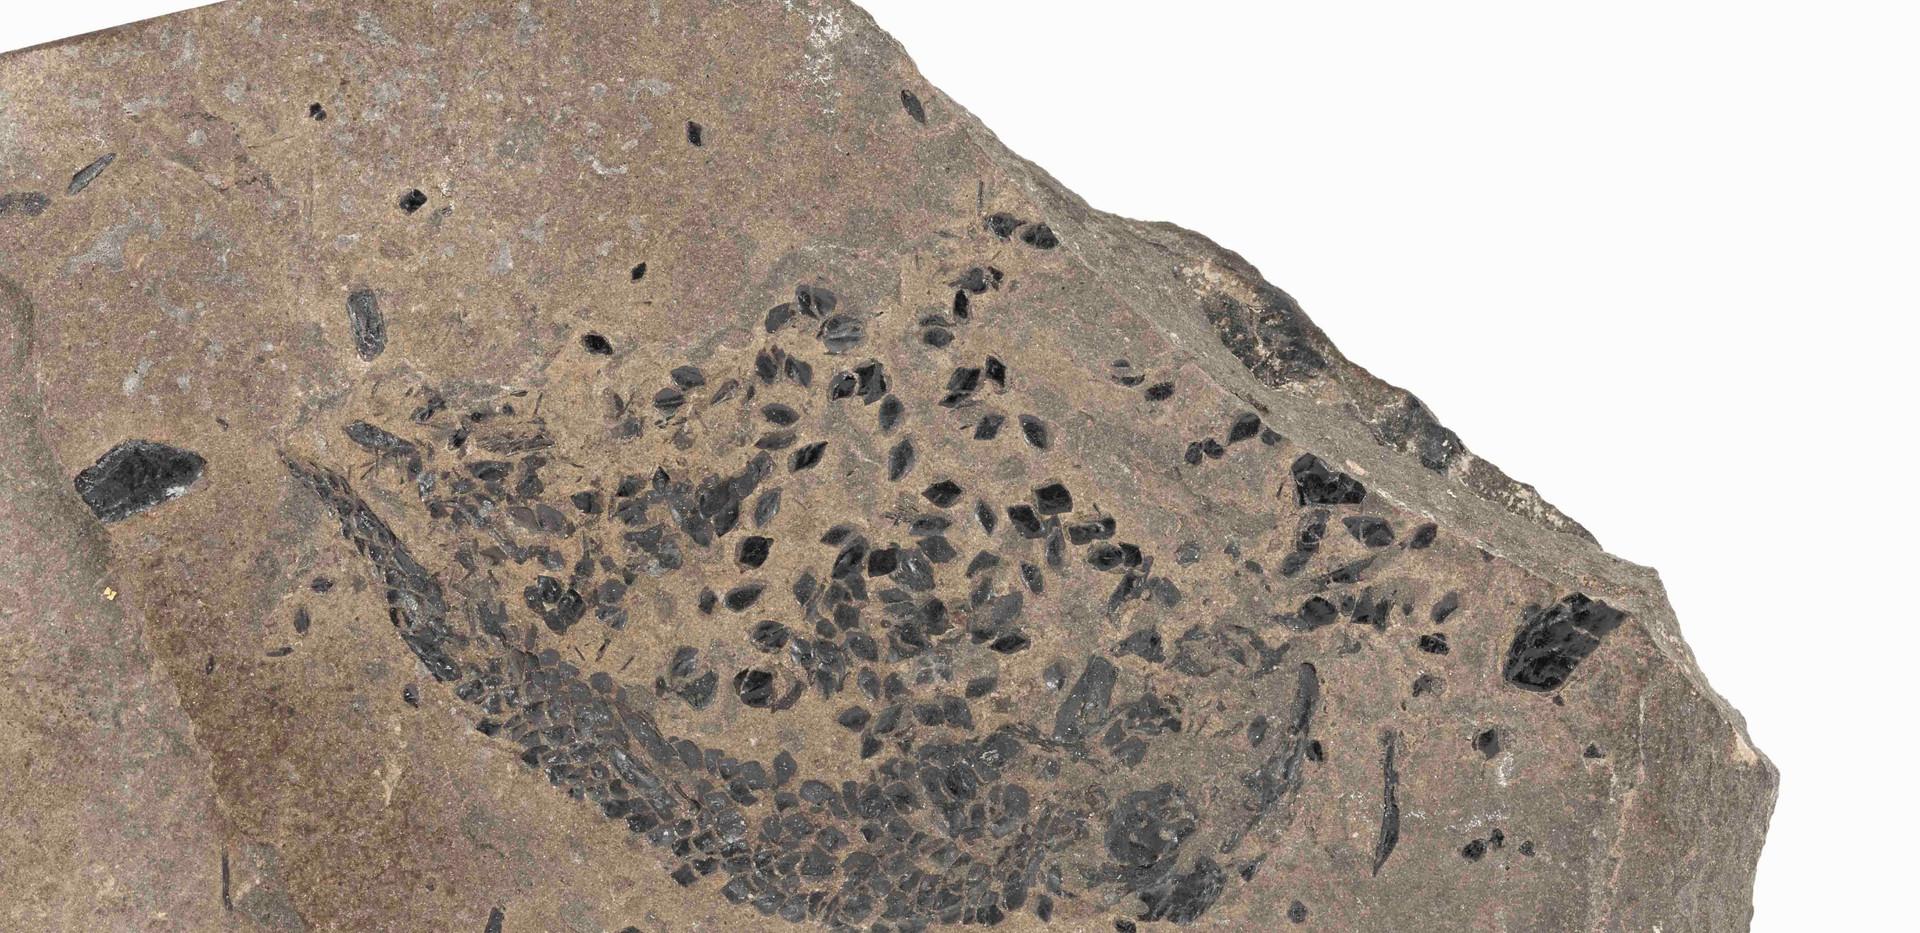 Osteolepis panderi